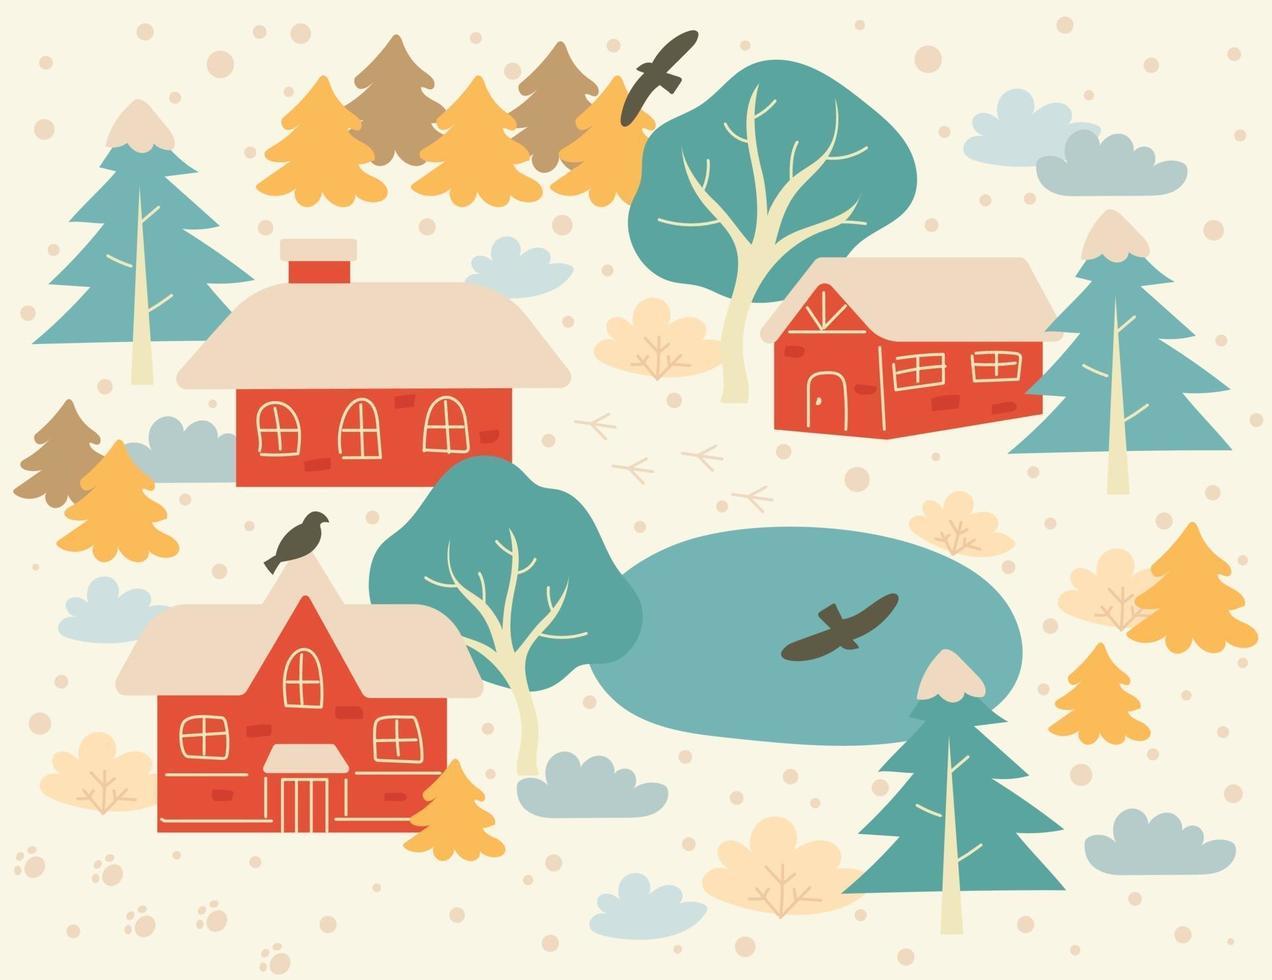 die Landschaft des Dorfes an einem verschneiten Tag. Hand gezeichnete Art Vektor-Design-Illustrationen. vektor